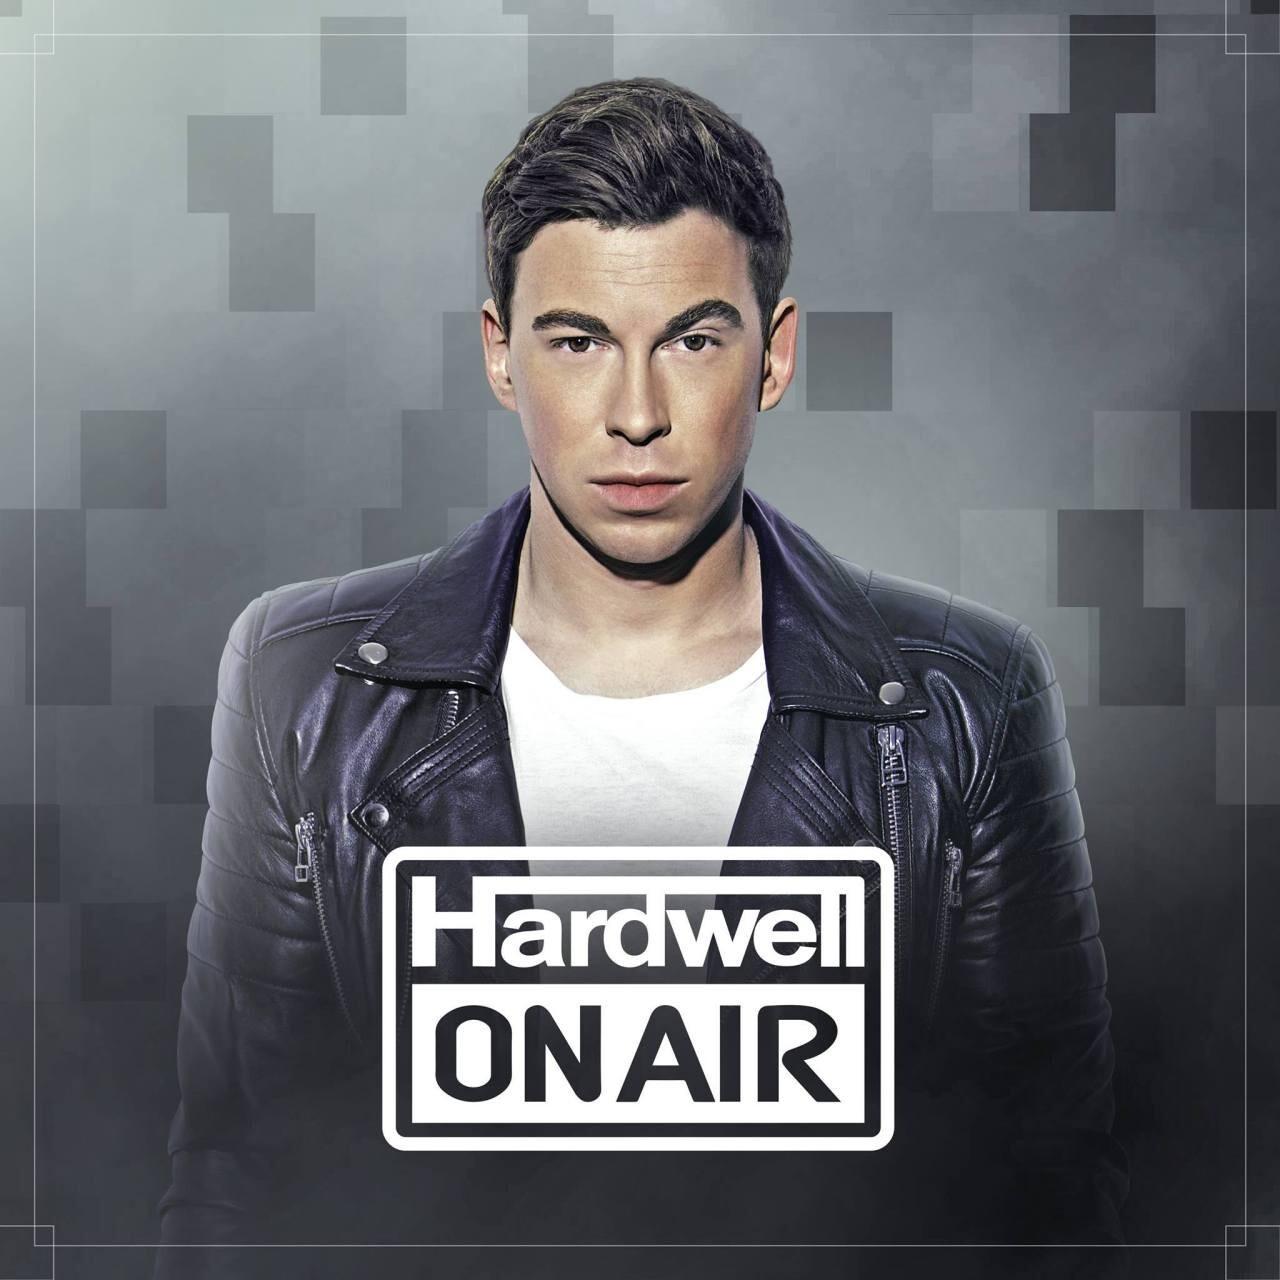 10年間に渡り続いたHardwell(ハードウェル)の大人気ラジオ番組『Hardwell On Air』、第500回目のエピソードで終止符を打つ